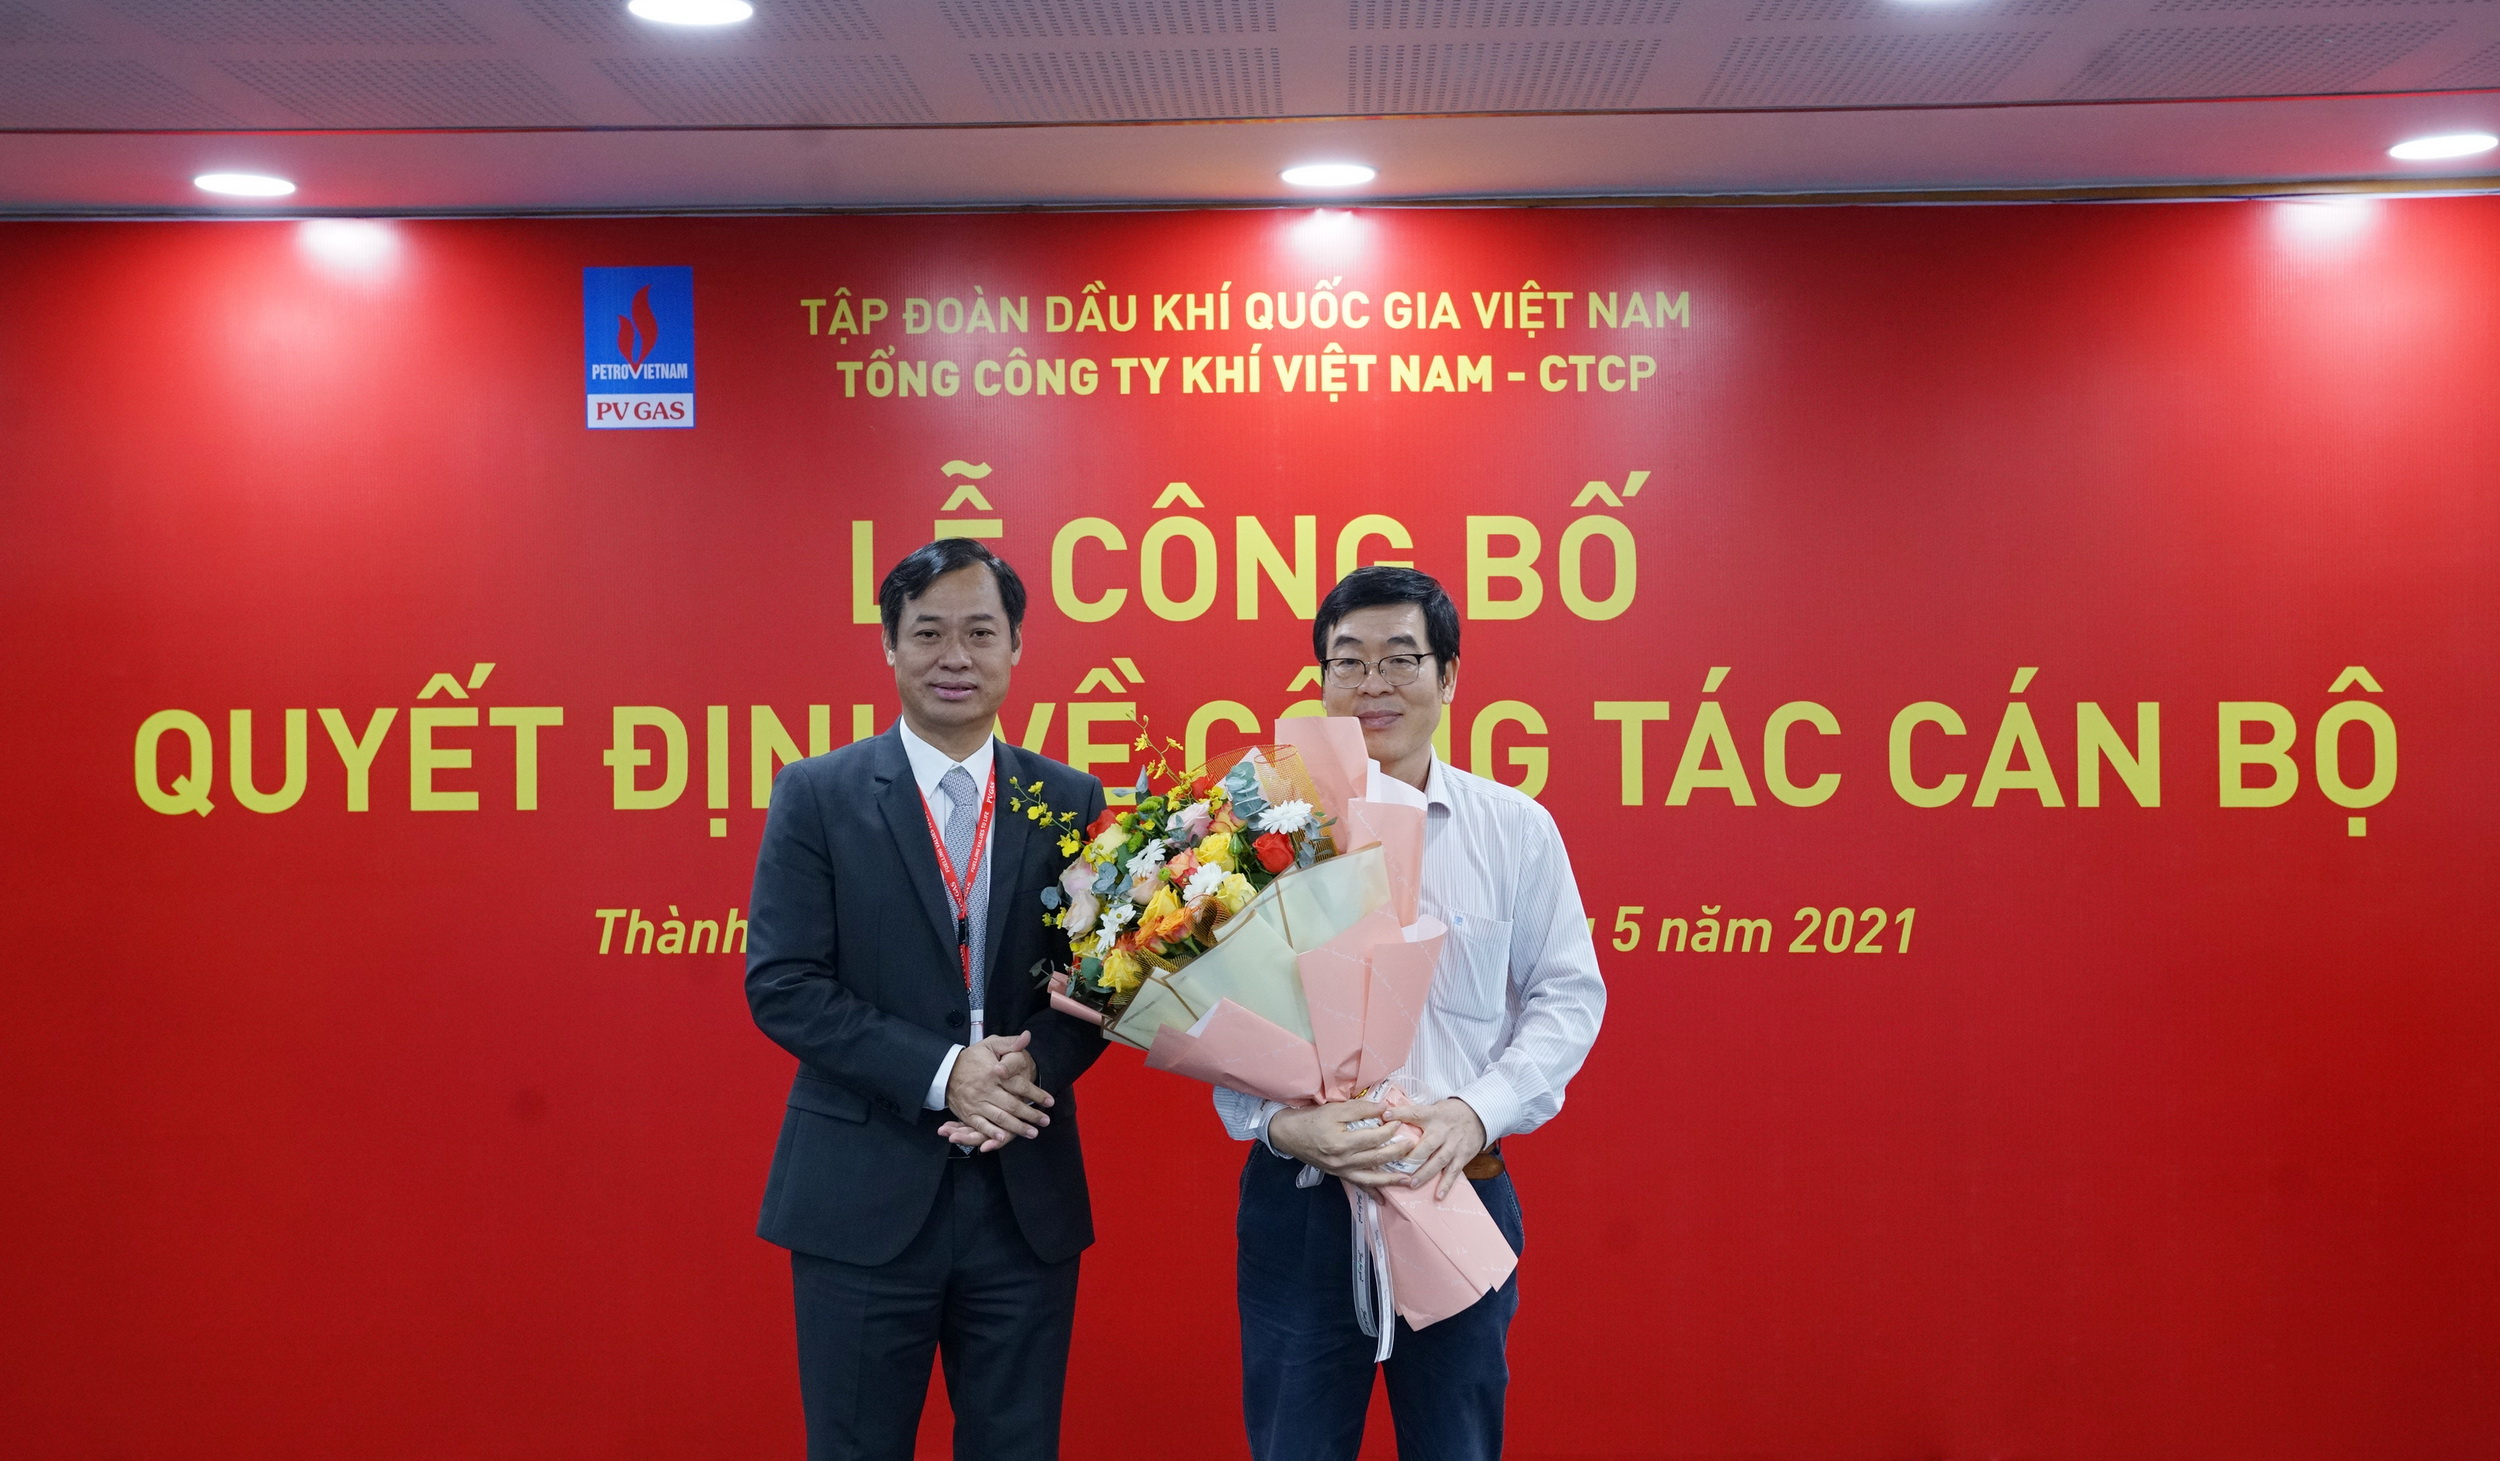 Tân Chủ tịch Công đoàn PV GAS tặng hoa tri ân của CĐ DKVN cho đồng chí Nguyễn Văn Hùng, cựu Chủ tịch Công đoàn PV GAS nghỉ hưu theo chế độ